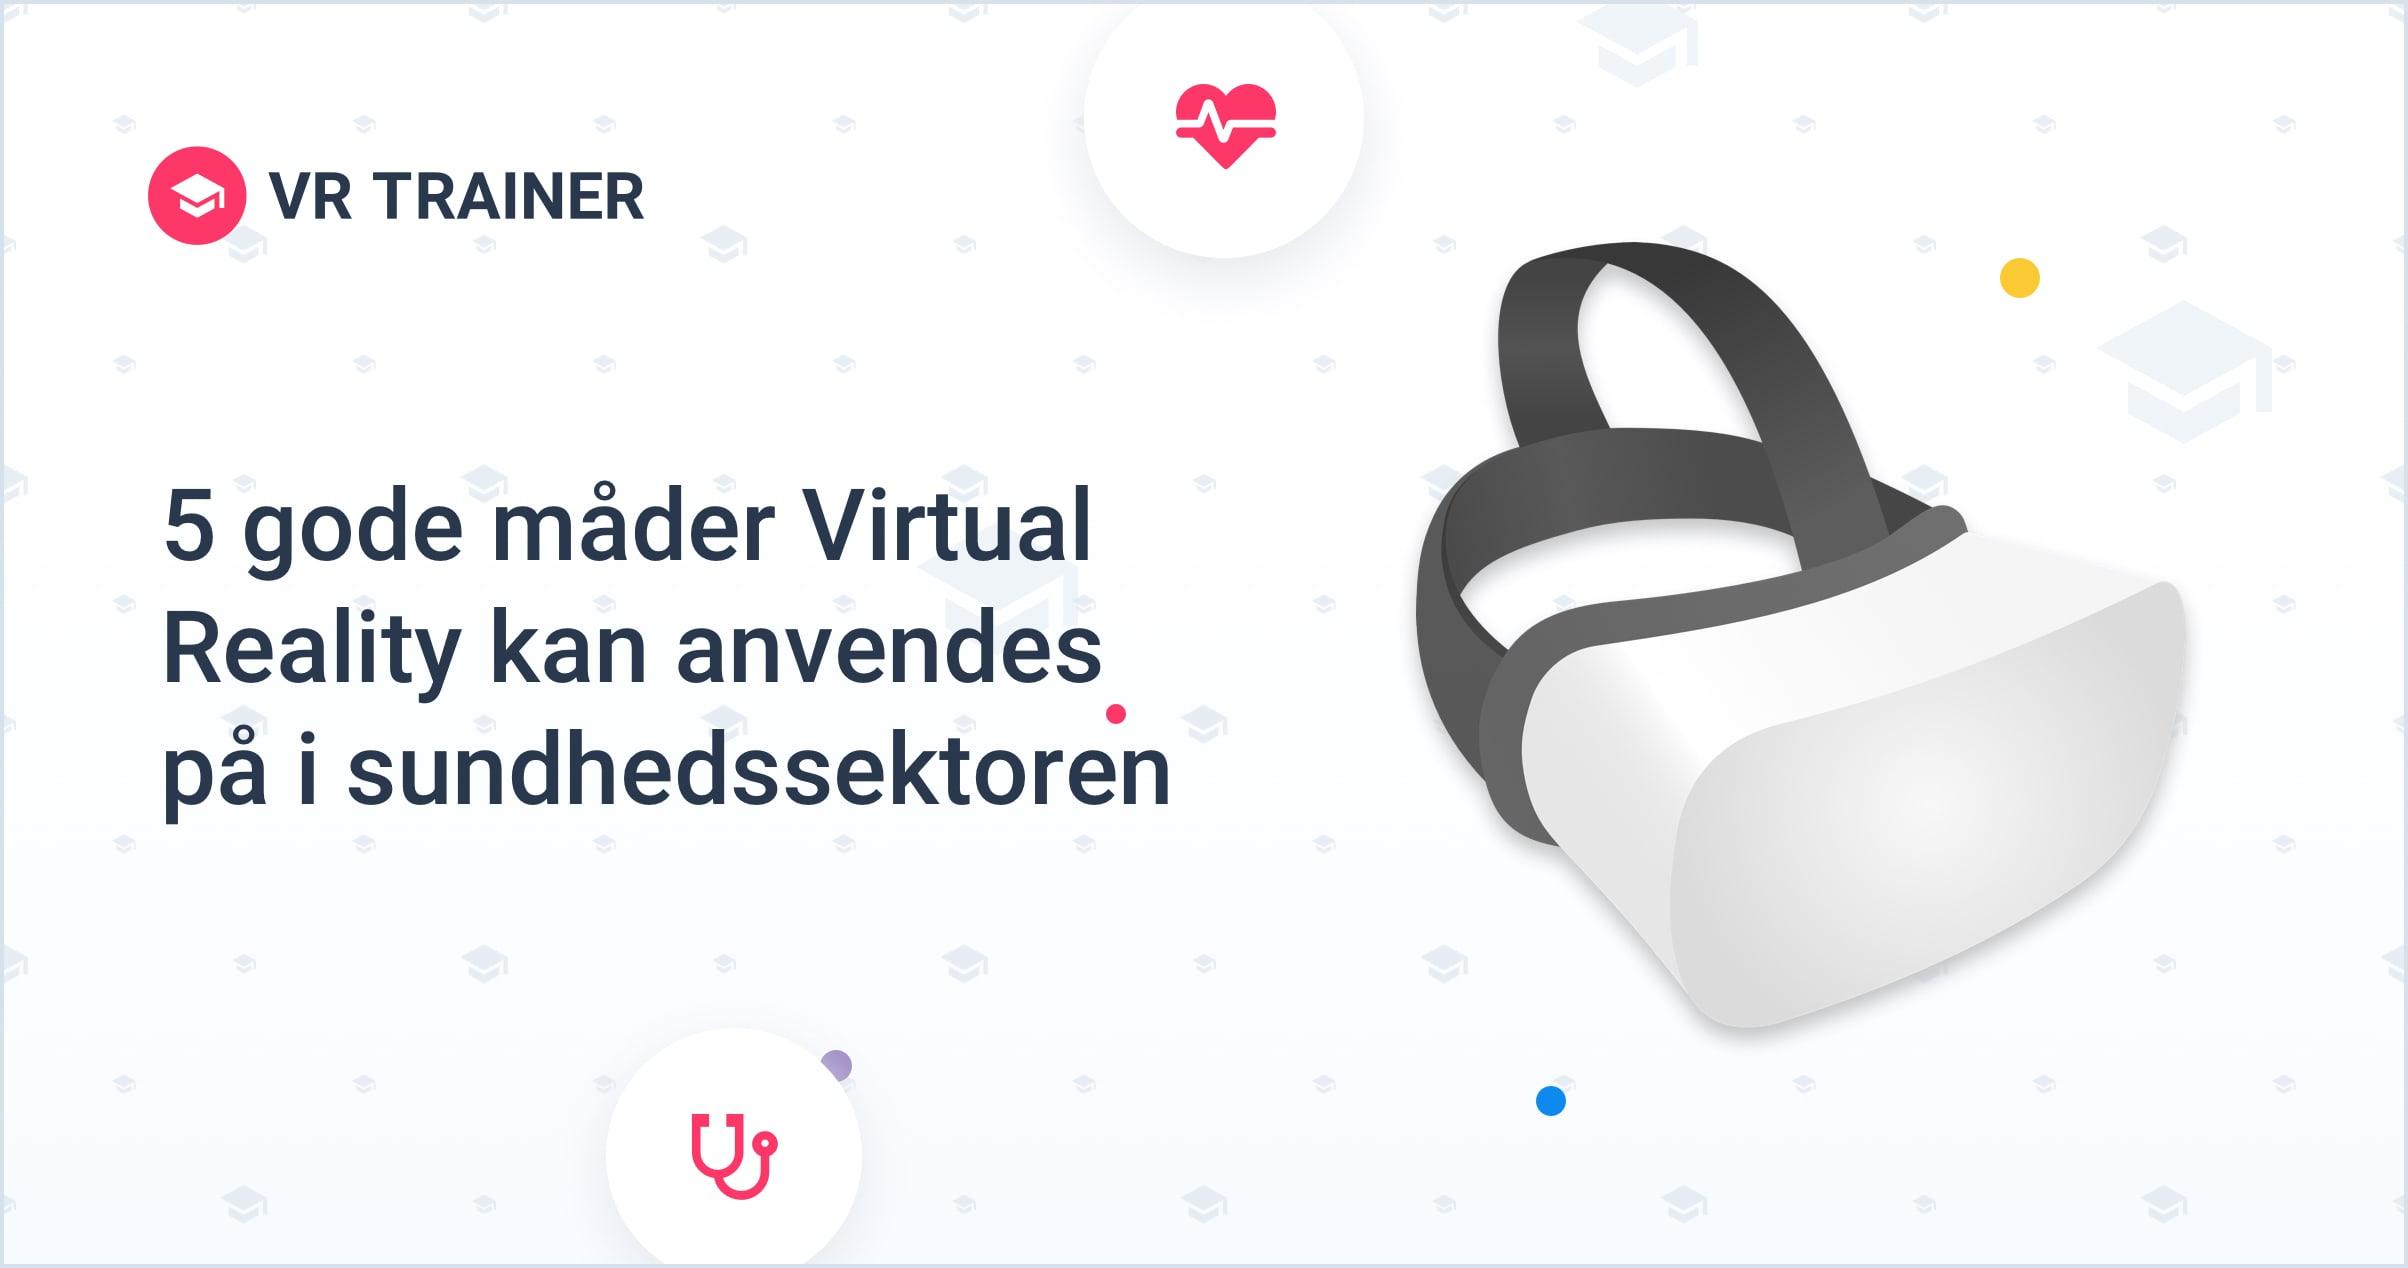 5 gode måder Virtual Reality kan anvendes på i sundhedssektoren